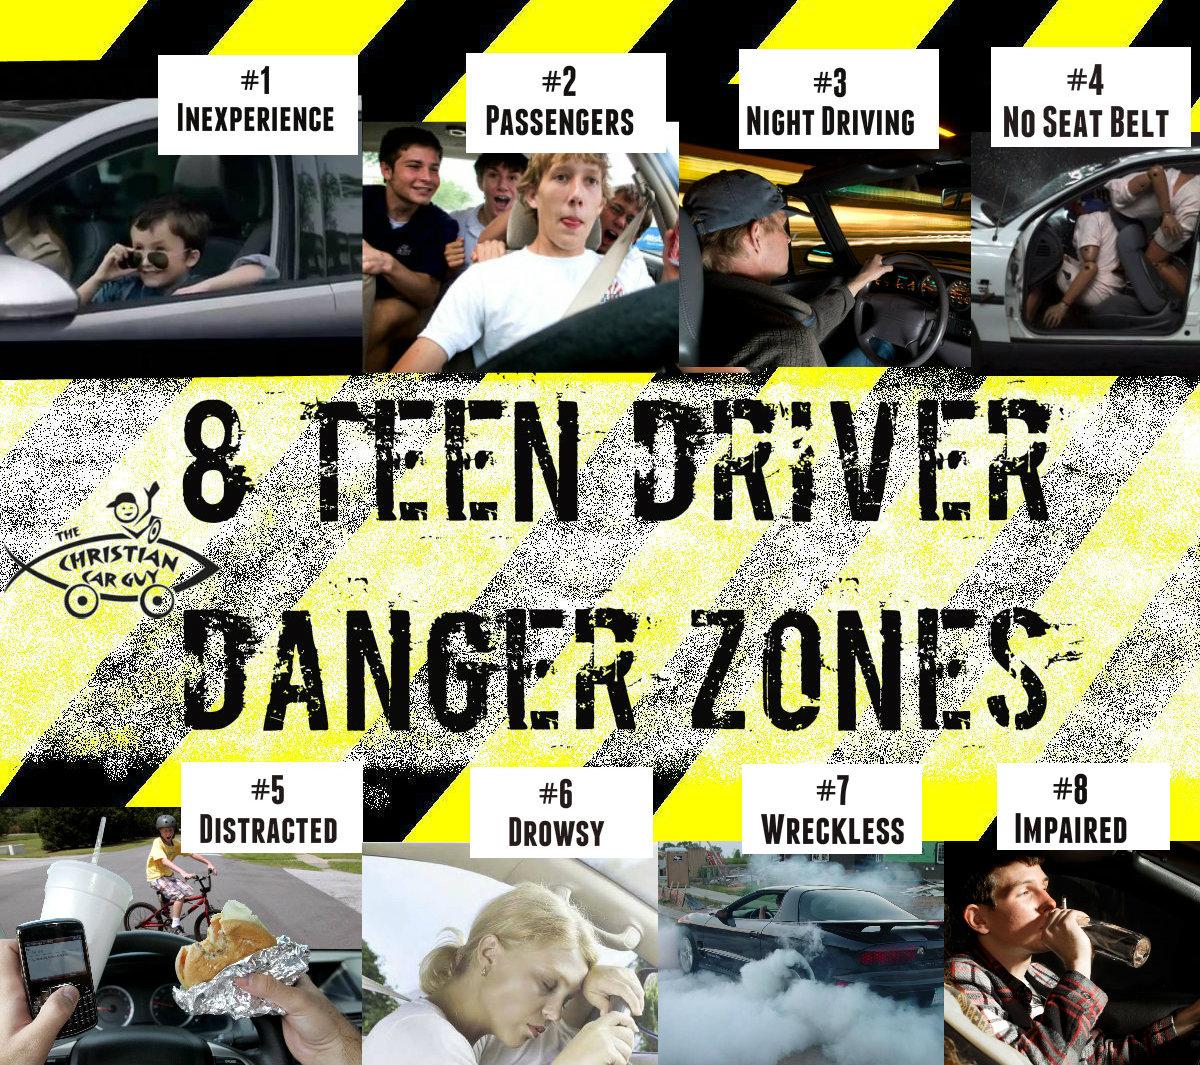 Danger Zone(1)(3)